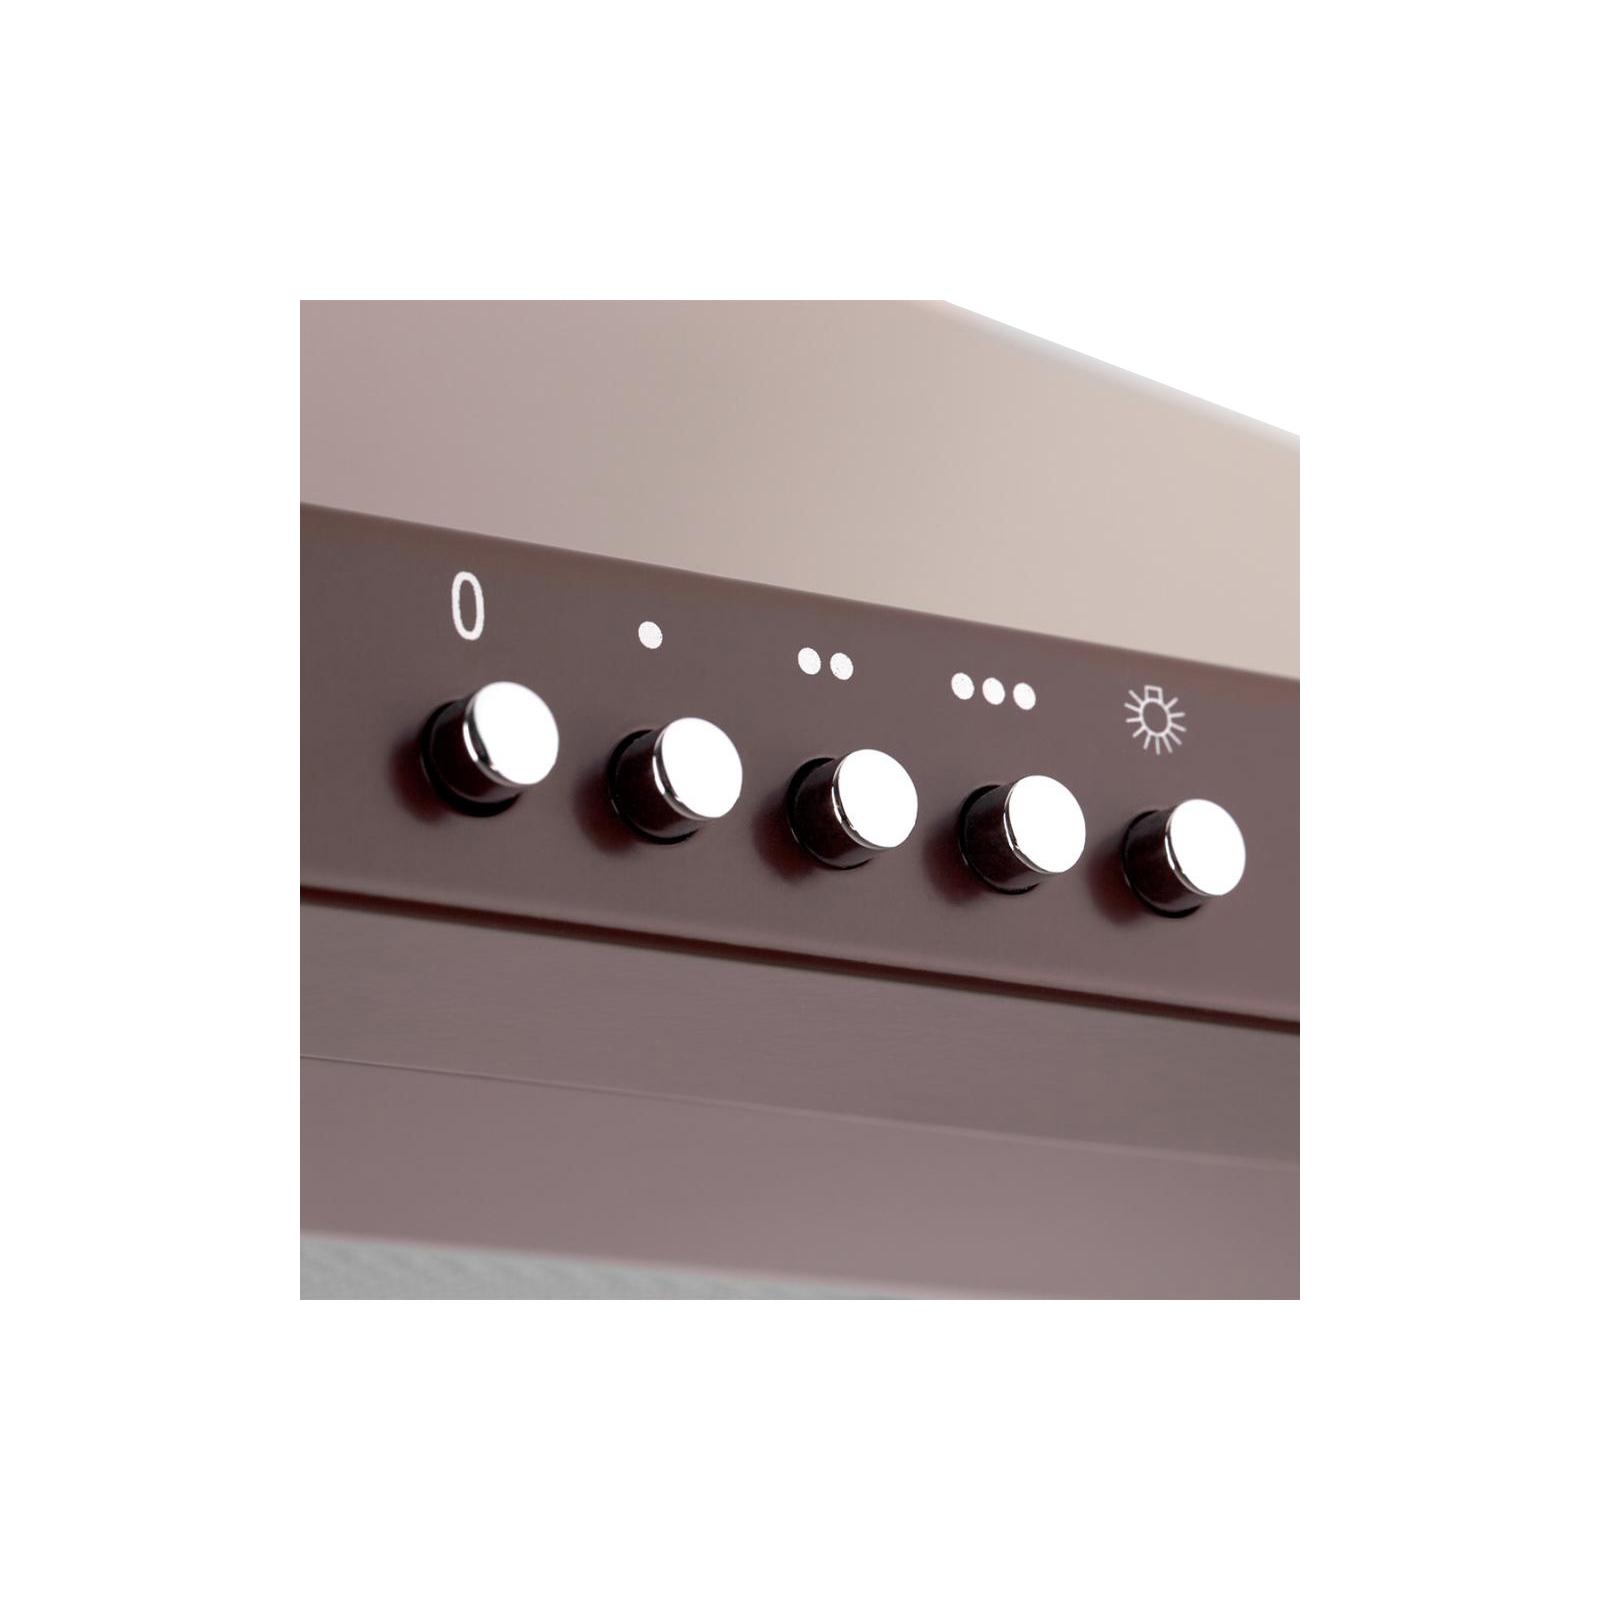 Вытяжка кухонная Borgio BHK 50 inox изображение 3